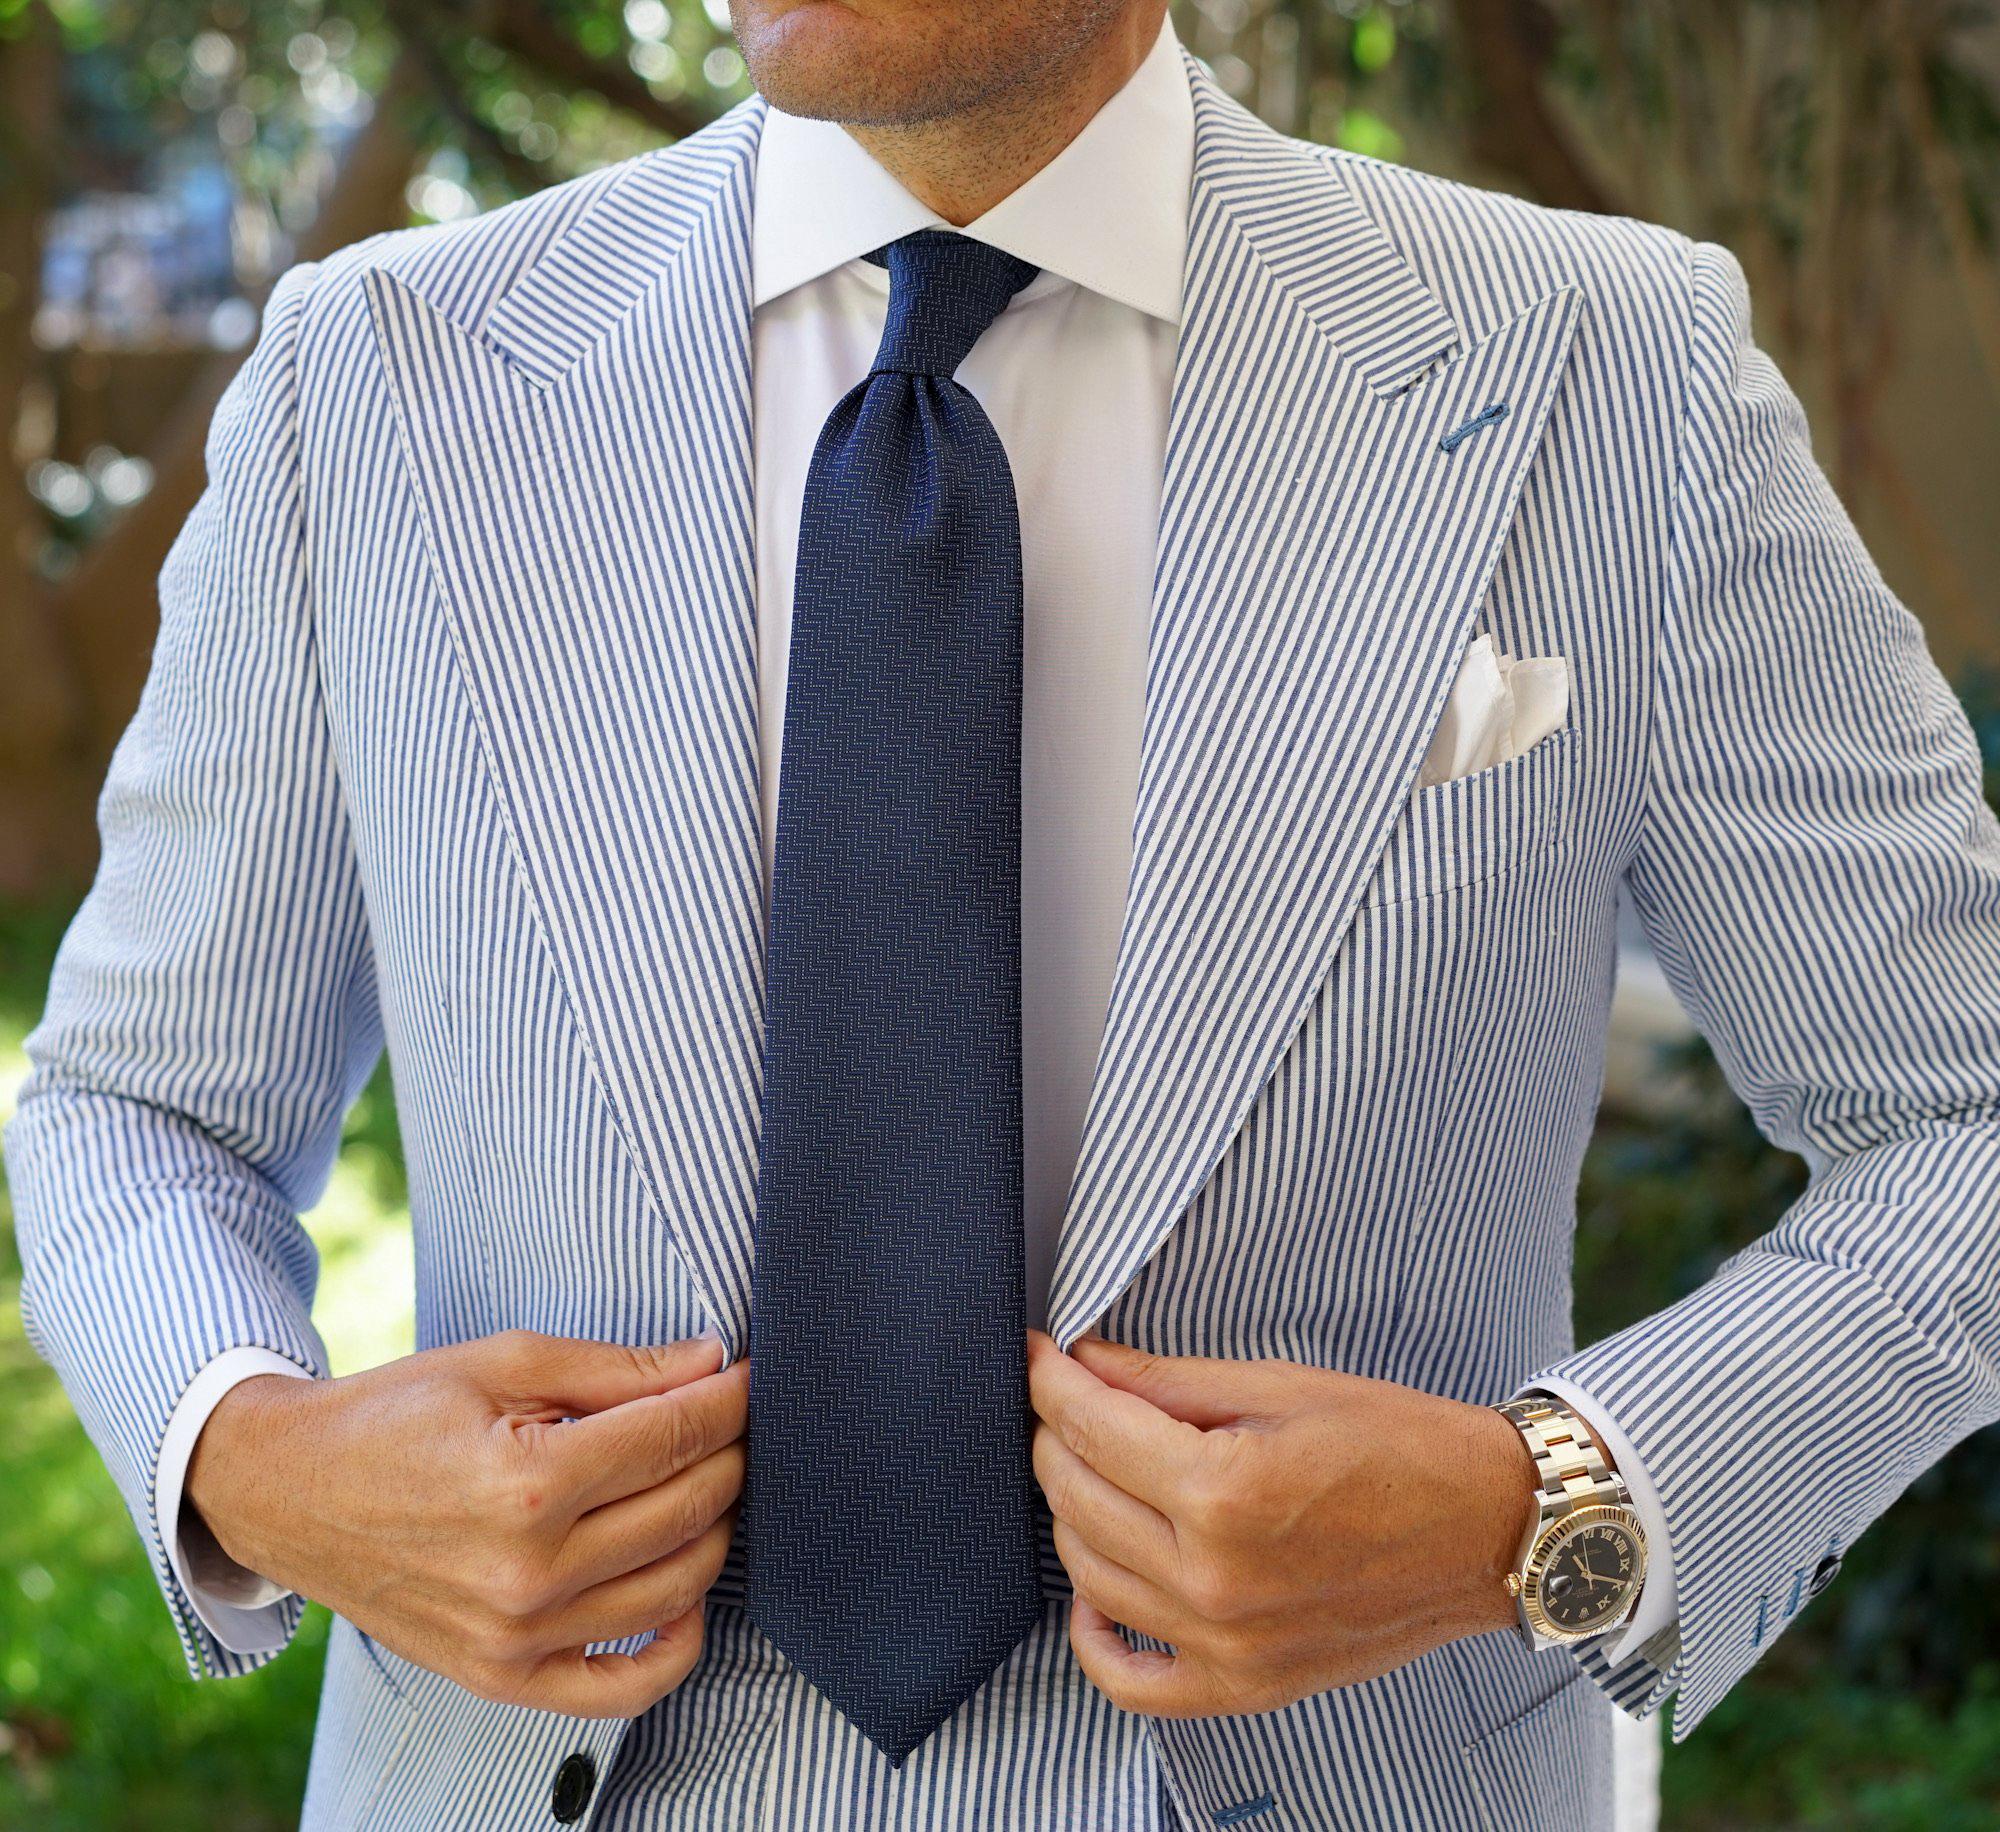 wearing seersucker suit for semi-formal events